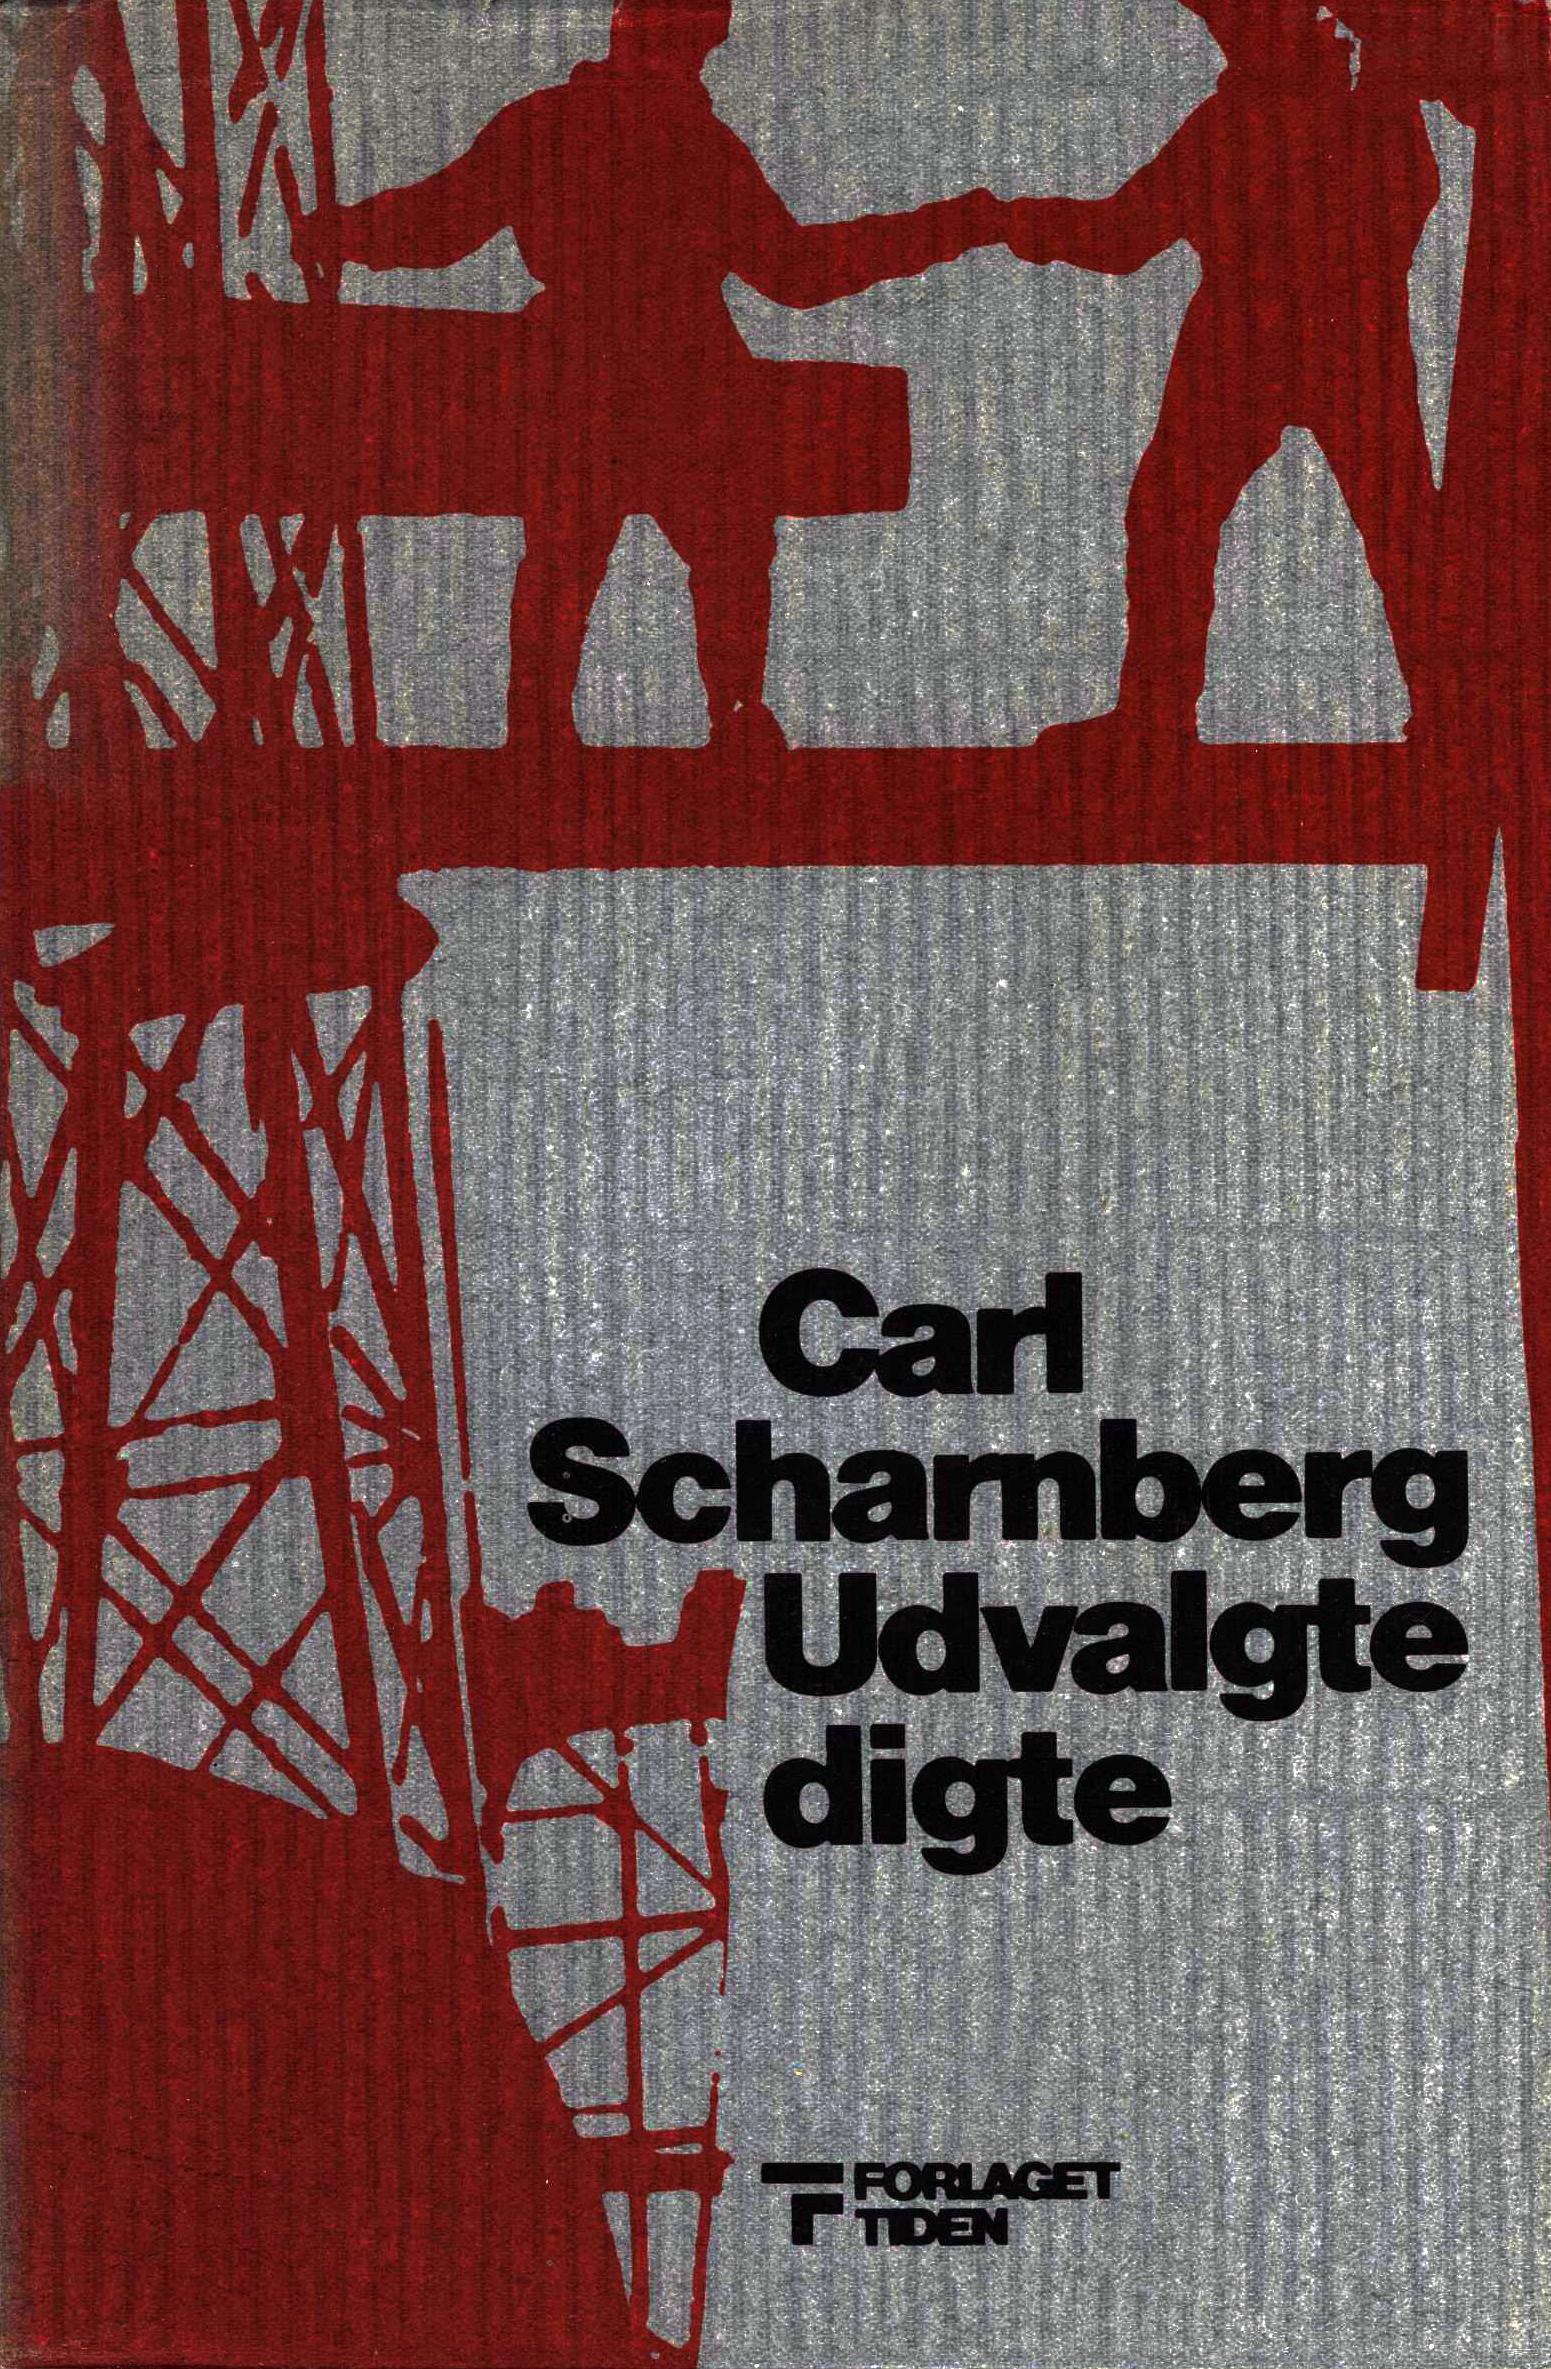 Carl Scharnberg: Udvalgte digte